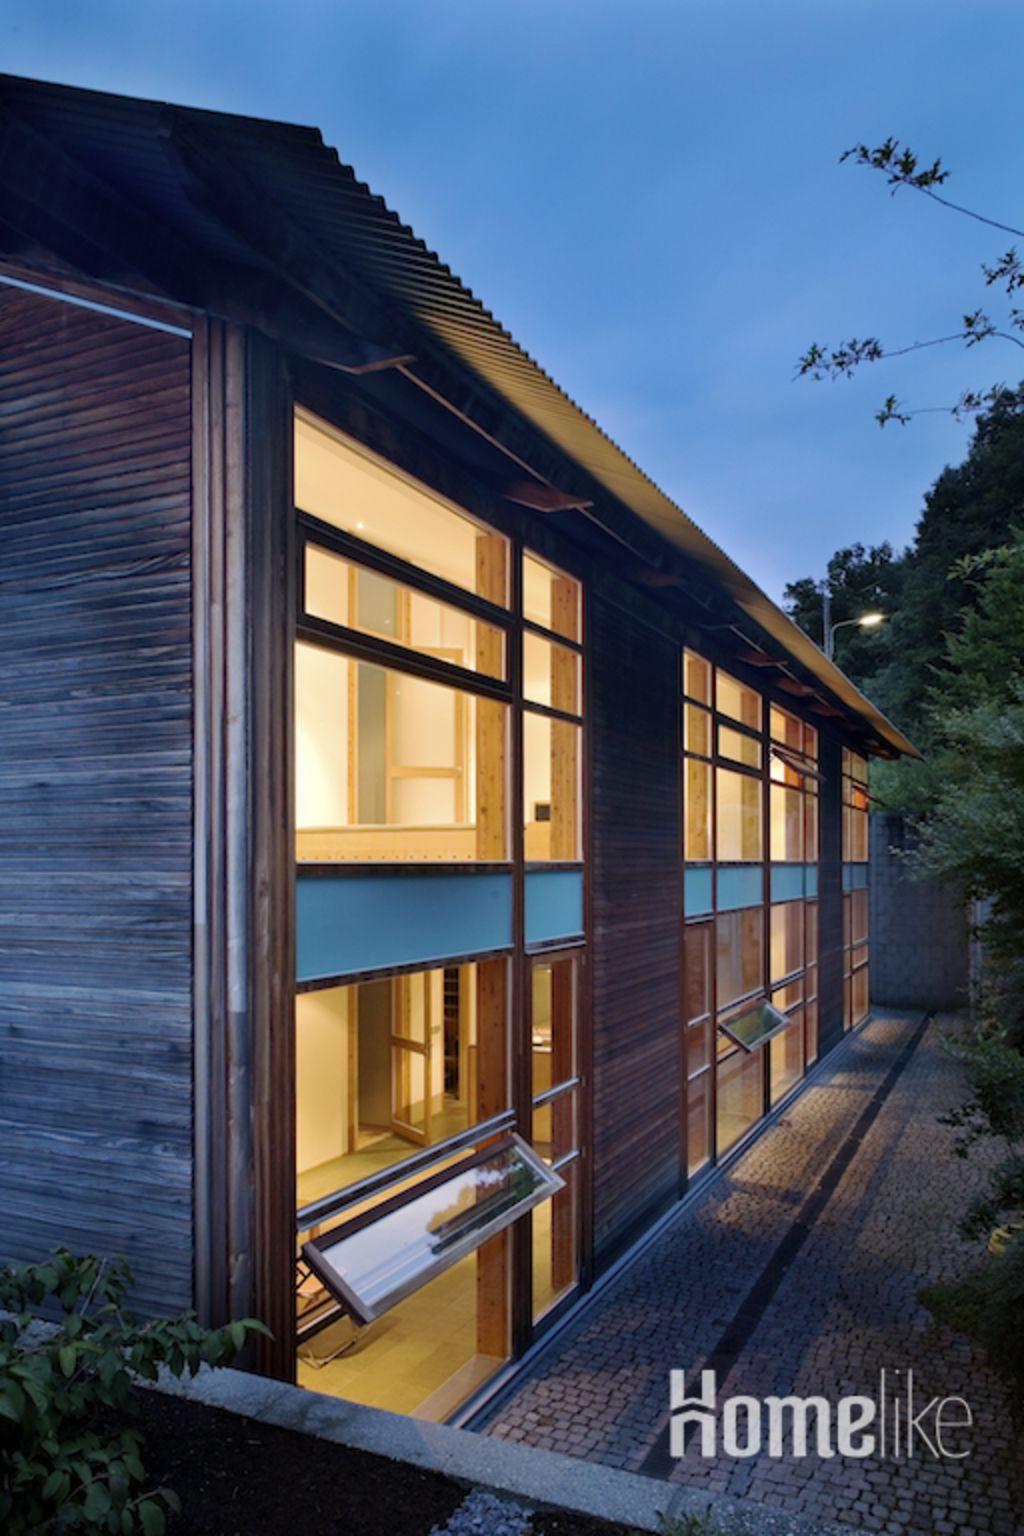 image 1 furnished 3 bedroom Apartment for rent in Esslingen, Baden-Wurttemberg